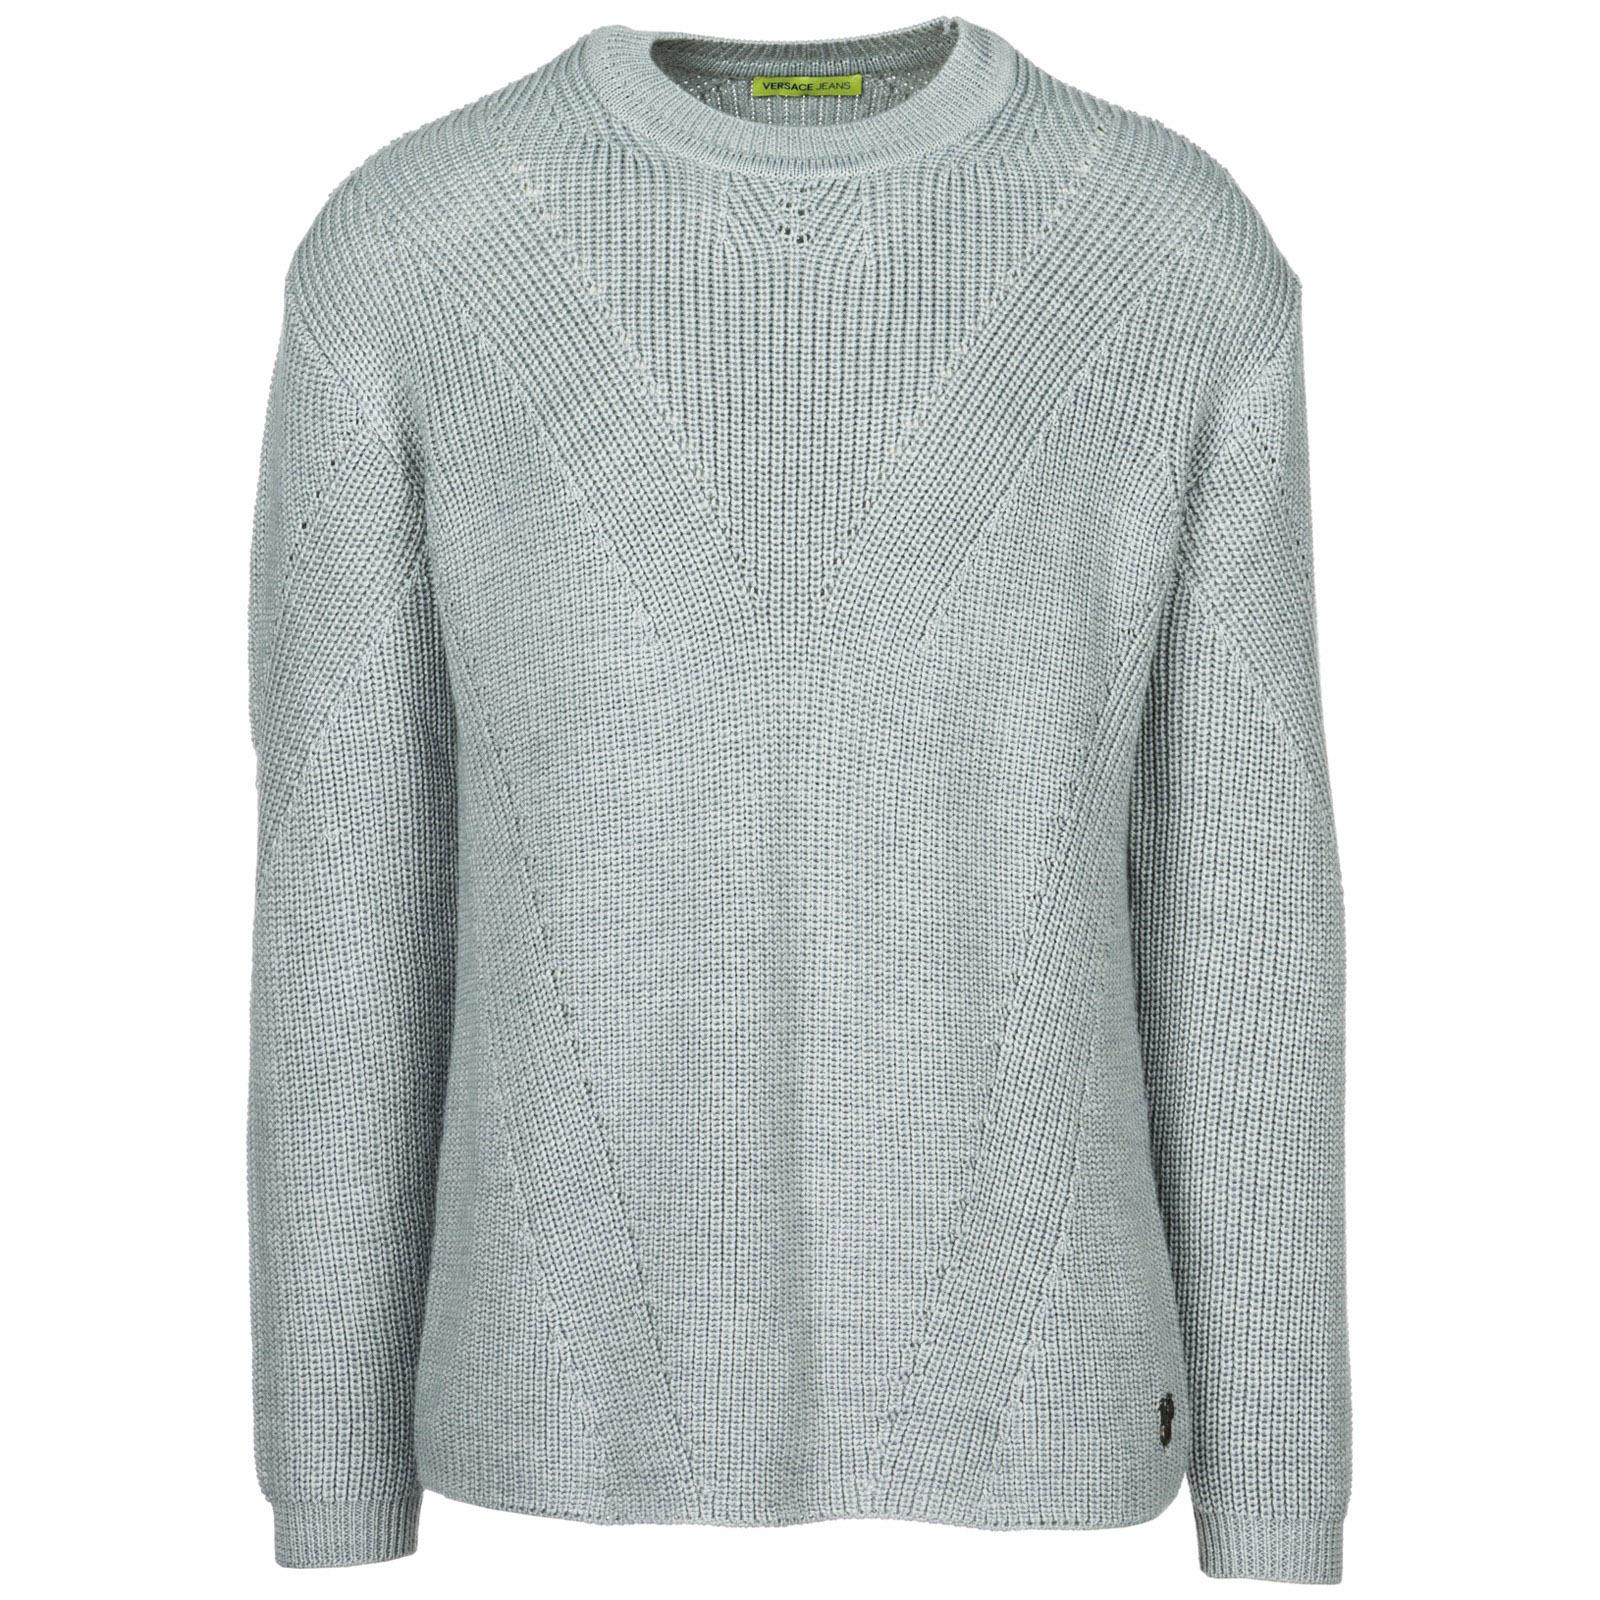 VERSACE JEANS Men'S Crew Neck Neckline Jumper Sweater Pullover in Grey